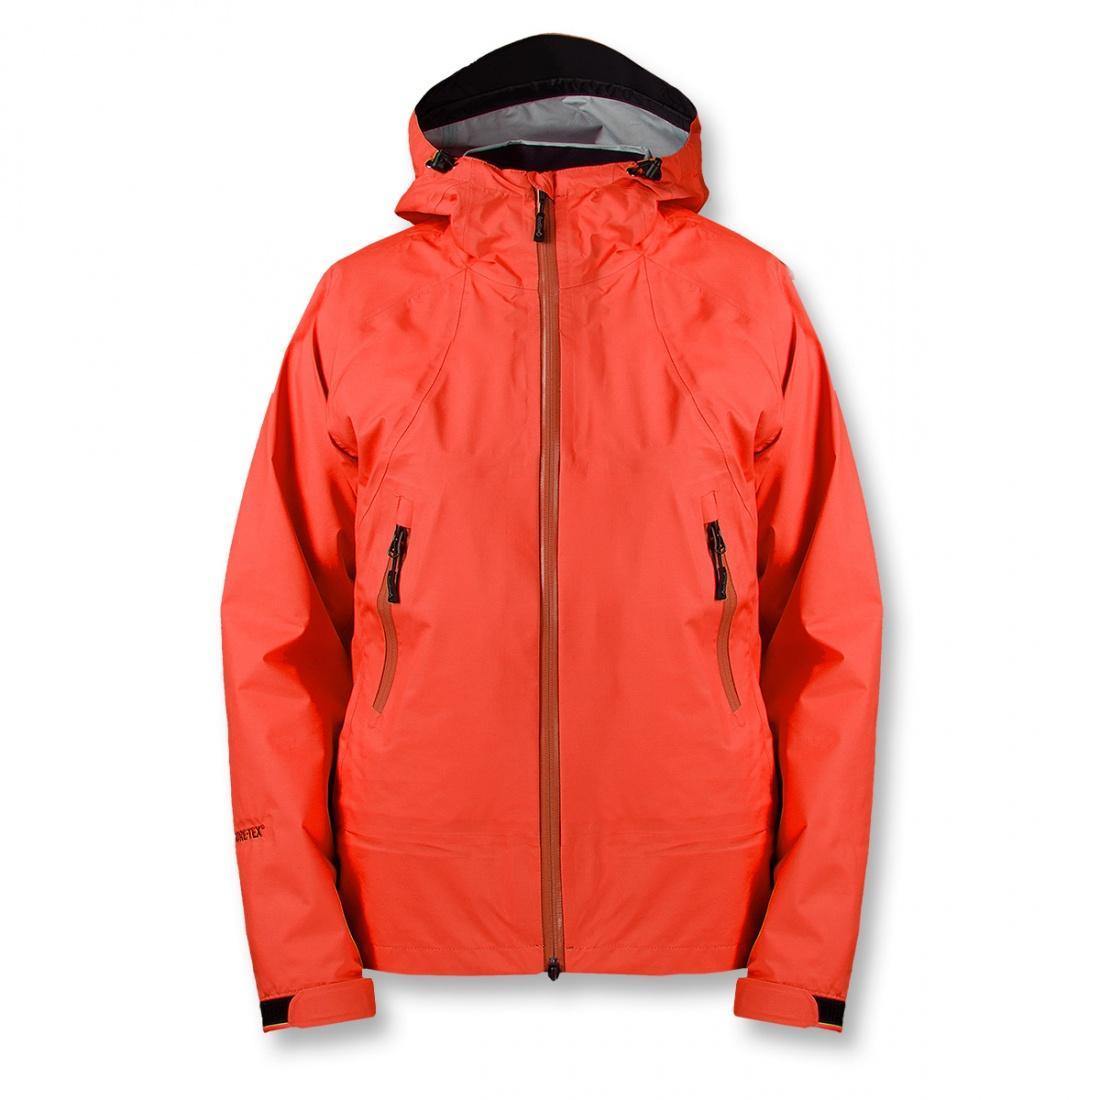 Куртка ветрозащитная Vega GTX II ЖенскаяКуртки<br>Женская штормовая куртка из материала GORE-TEX®<br> <br><br>ОСНОВНОЕ НАЗНАЧЕНИЕ: горные походы, треккинг<br>ПОСАДКА: Alpine Fit<br>МАТЕРИАЛ: ...<br><br>Цвет: Красный<br>Размер: 42